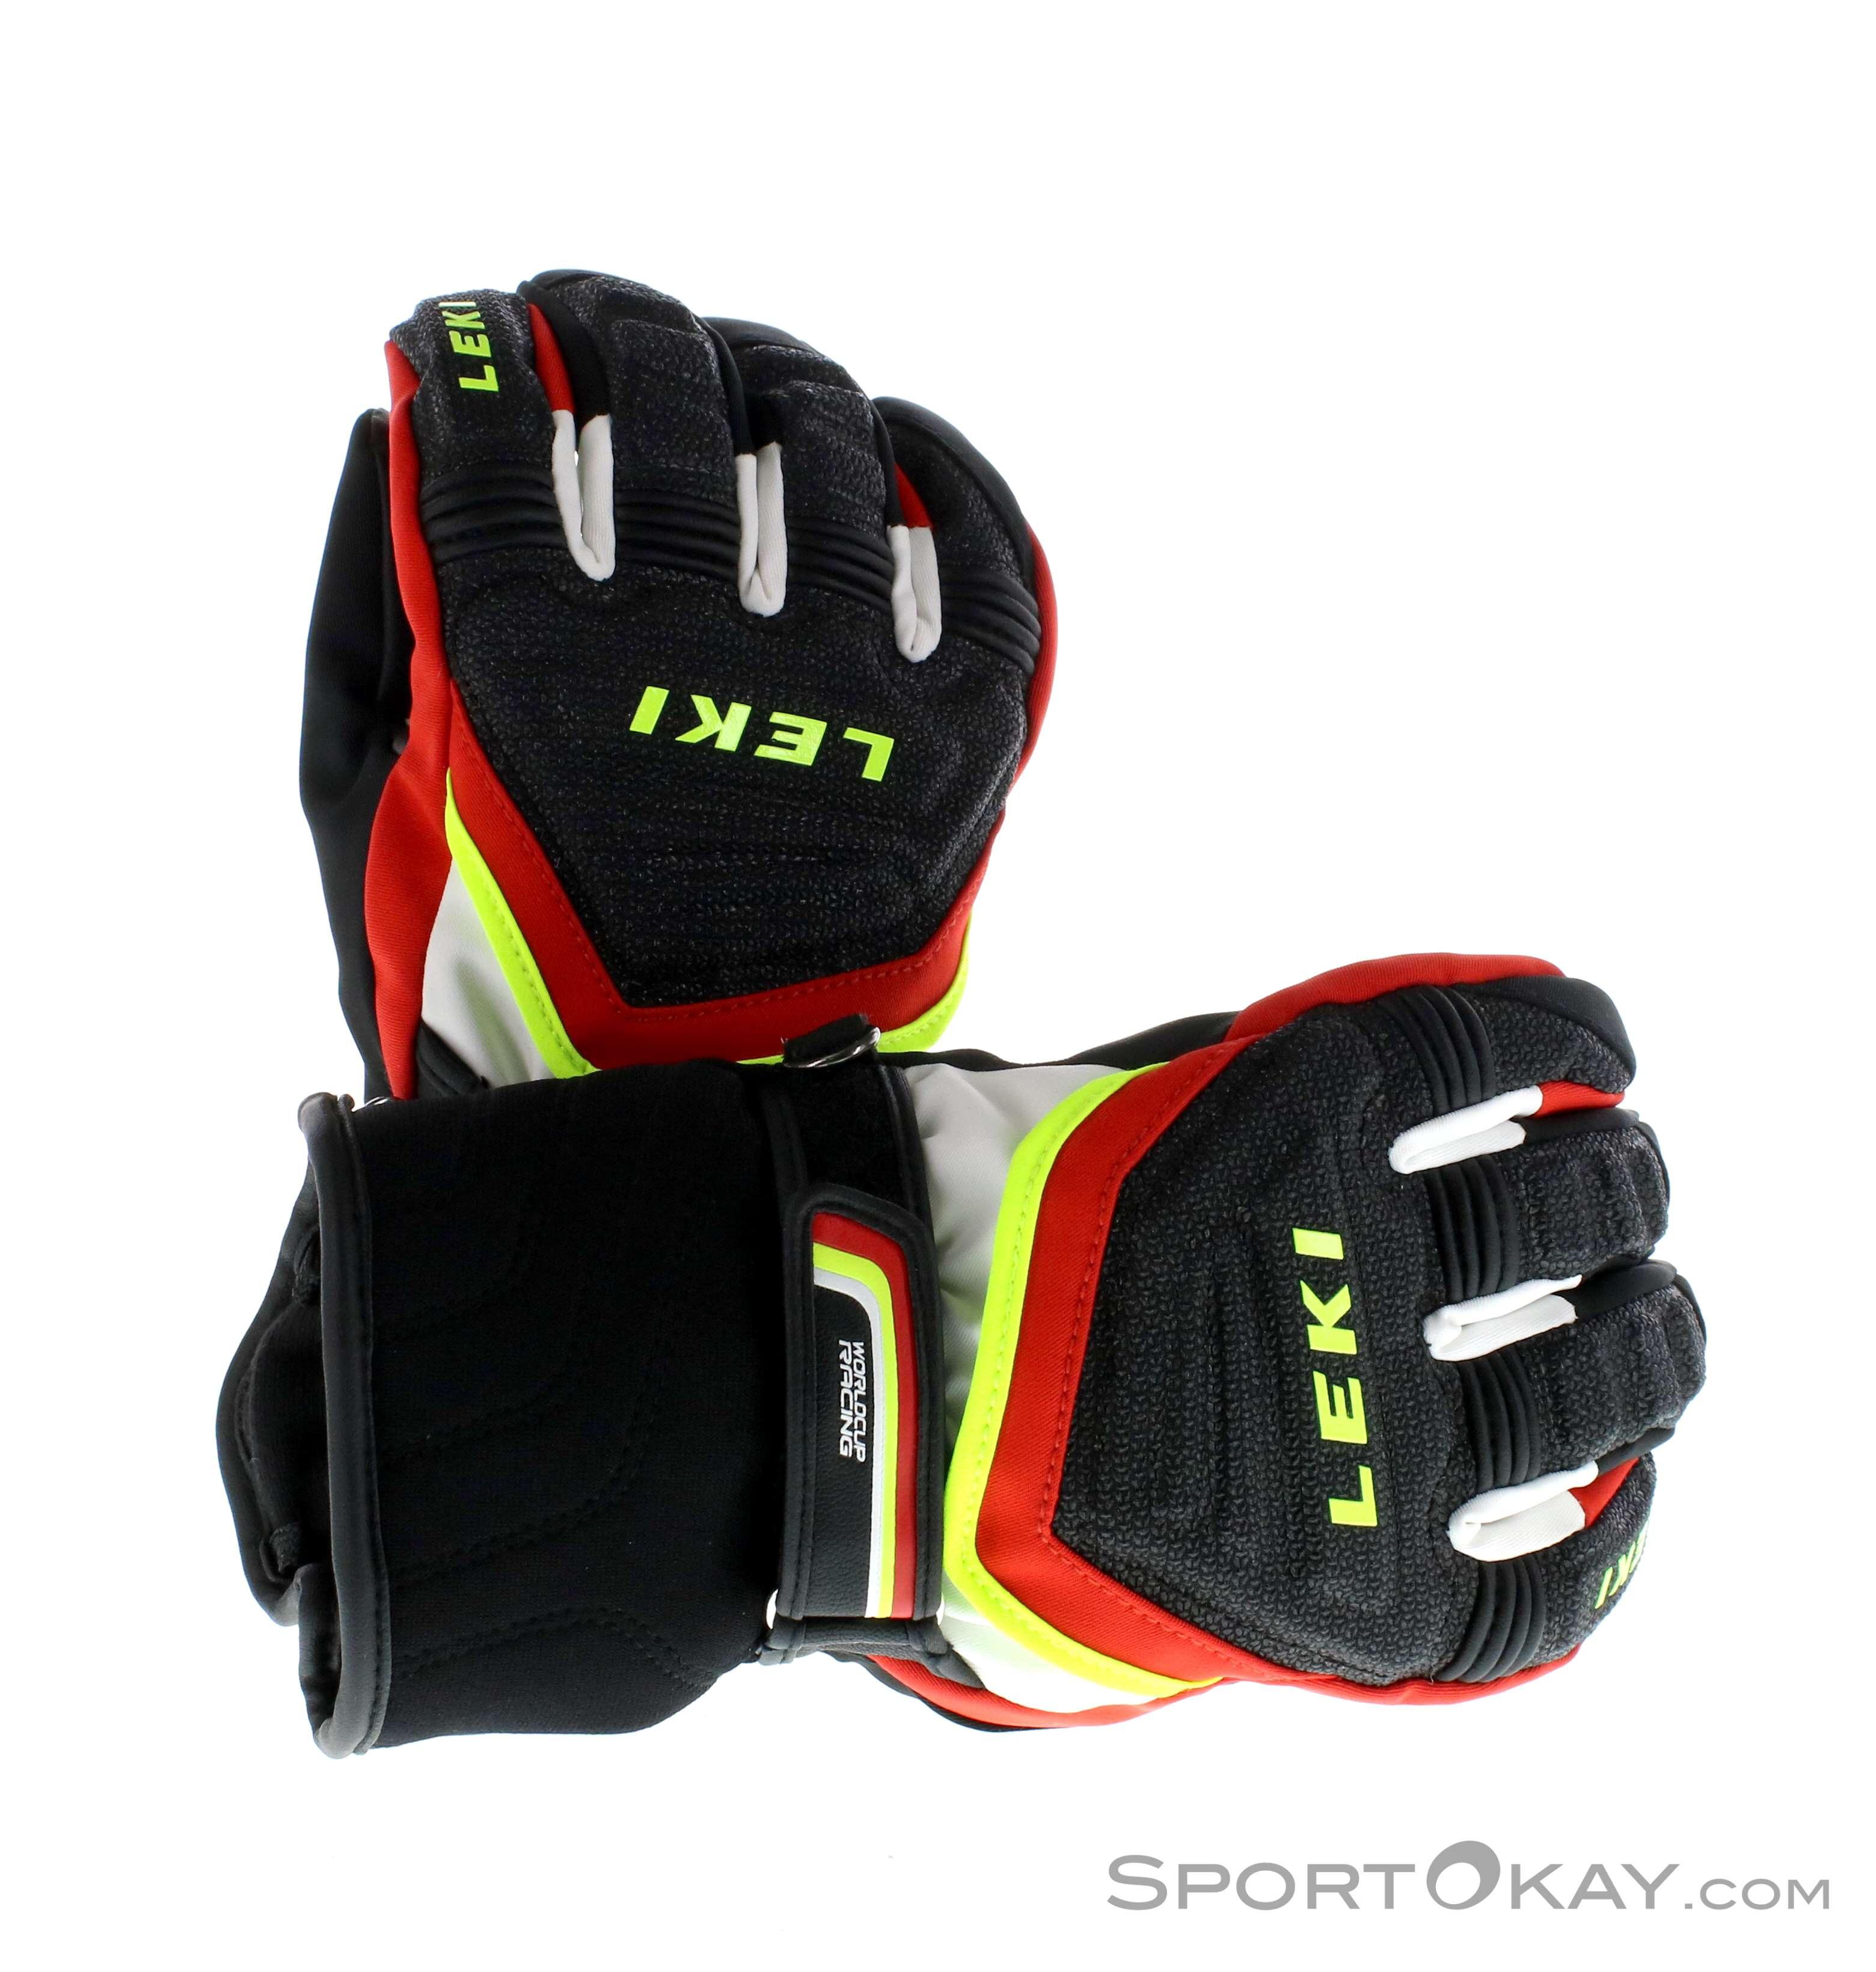 neuesten Stil von 2019 toller Wert verkauft Leki Leki Race Coach C-Tech S Junior Kinder Handschuhe